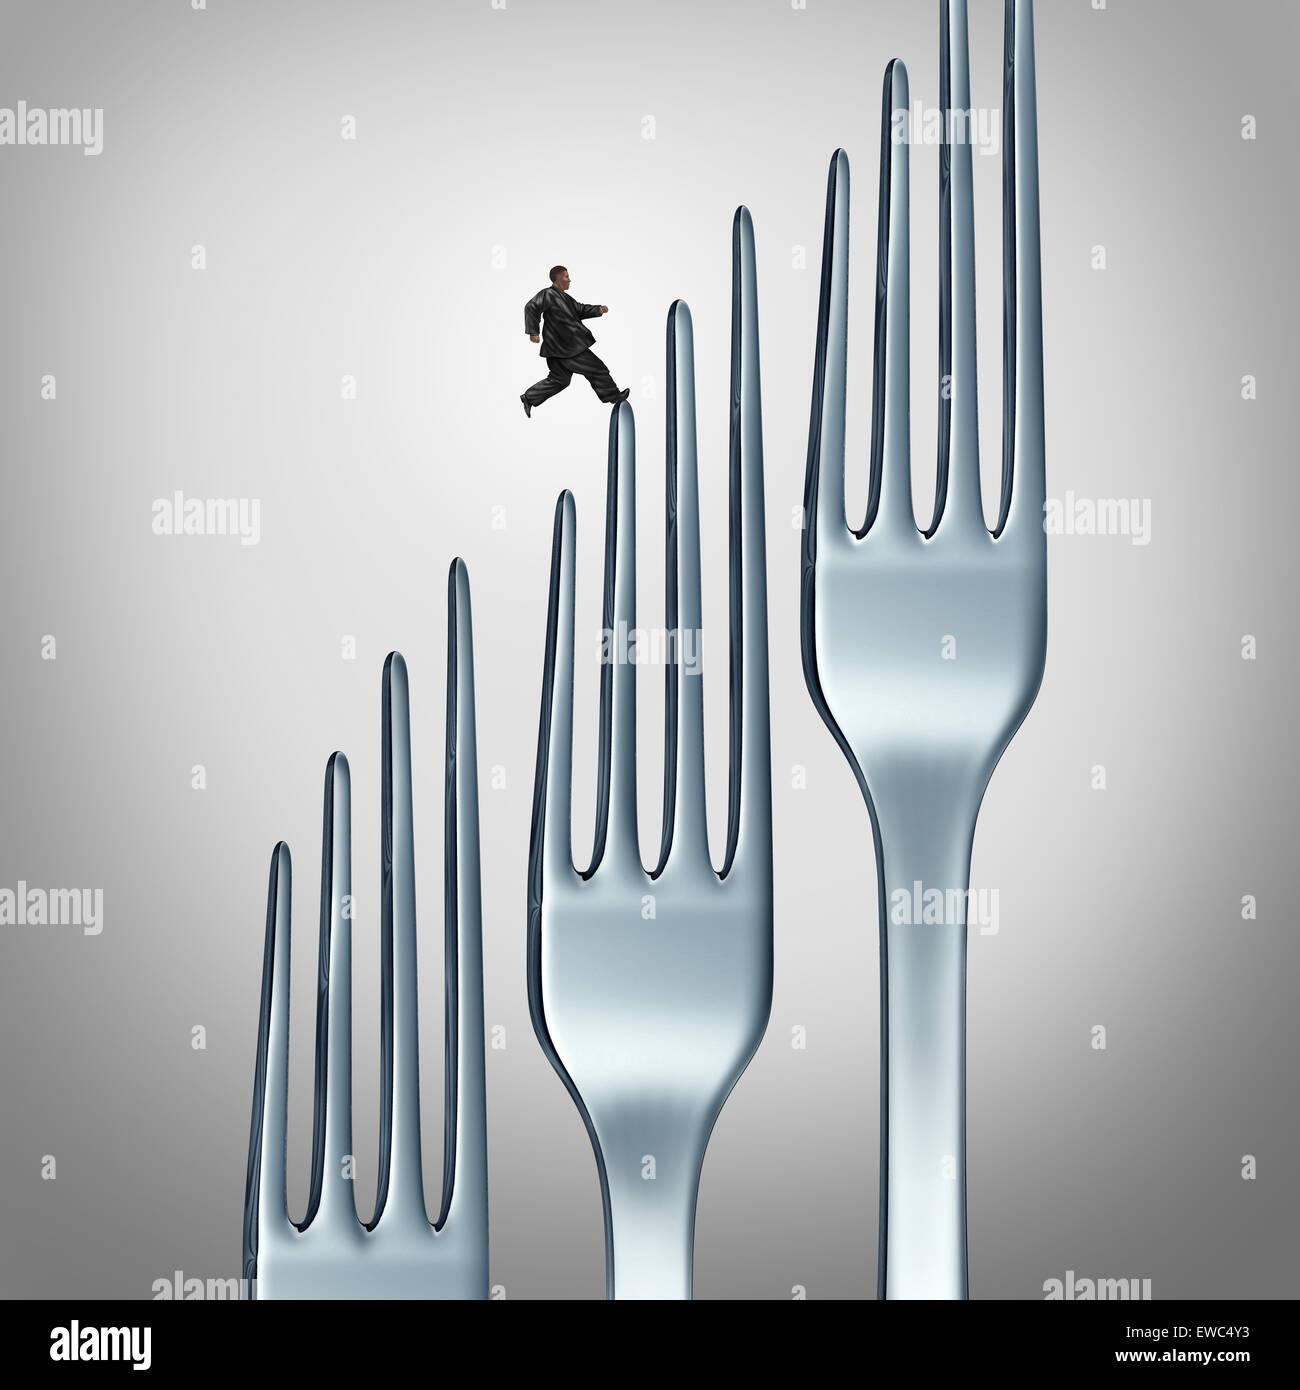 Estilo de vida saludable desafío e idoneidad a través de ejercicio y comer alimentos saludables como el Imagen De Stock